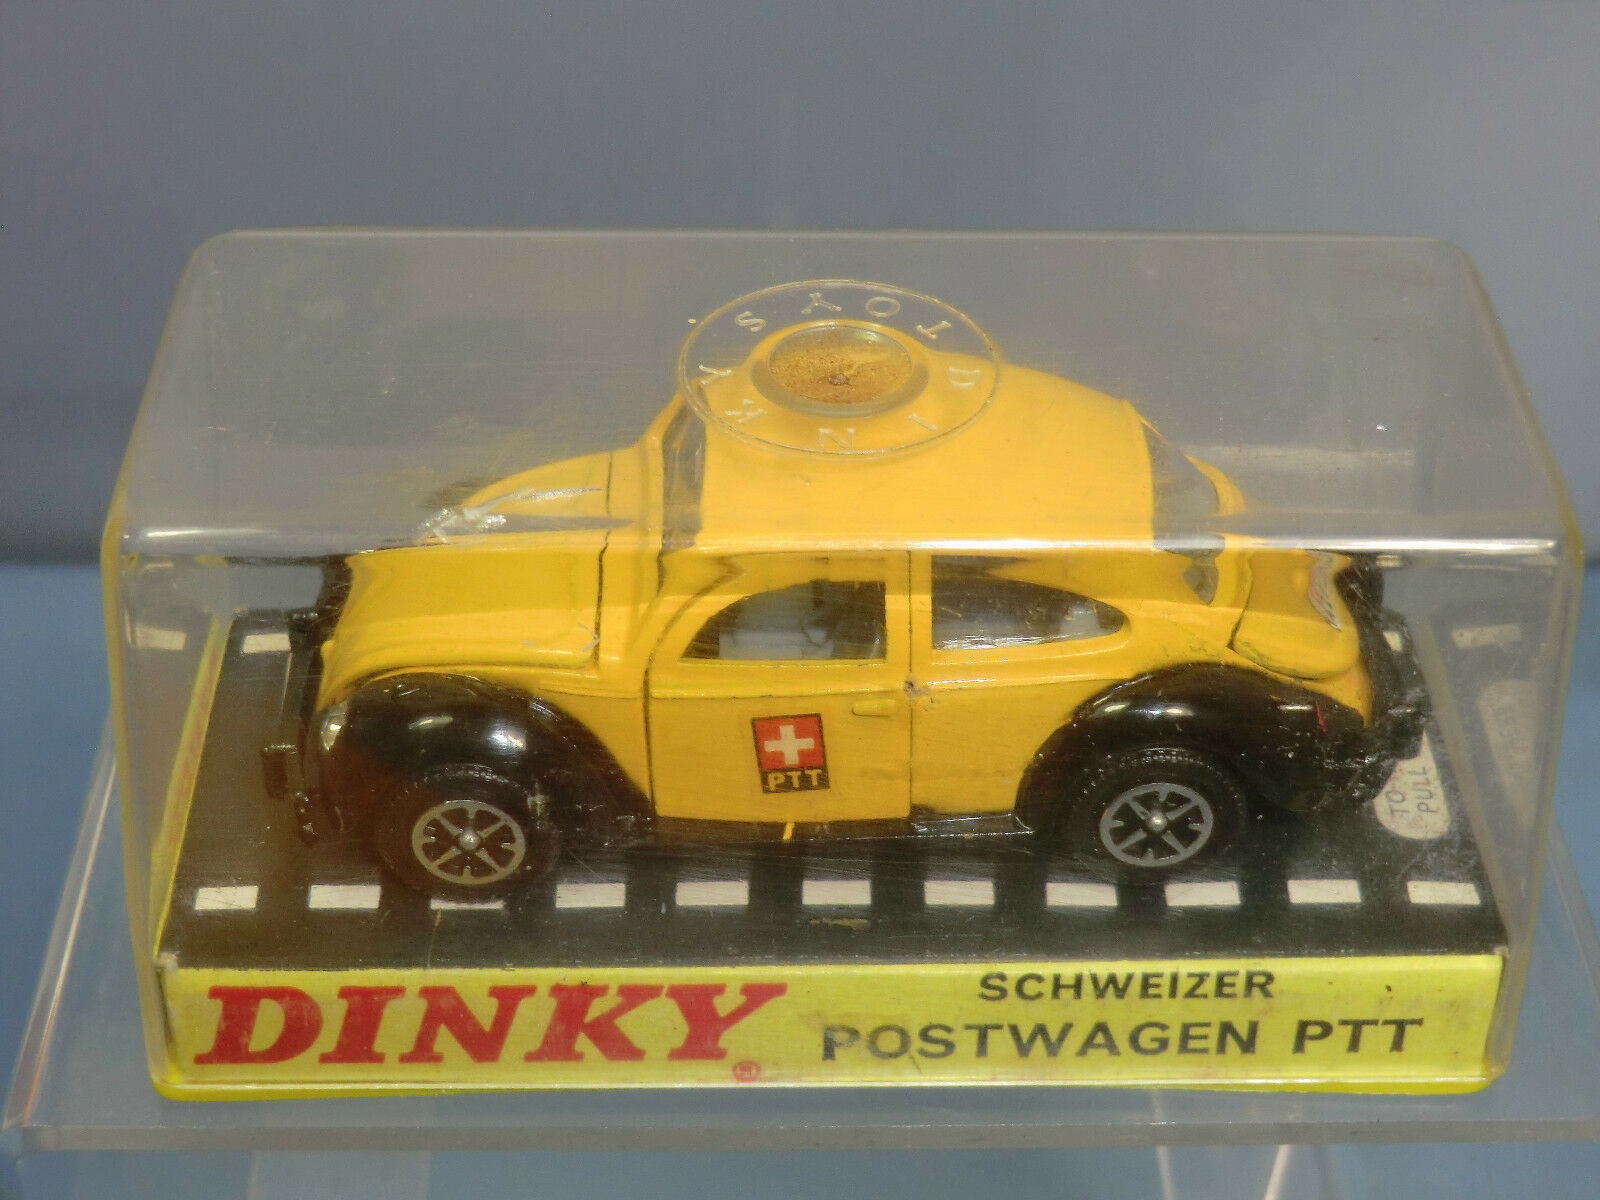 DINKY TOYS TOYS TOYS  promozionale  modello No.262 V W (tavola) Postwagen PTT VN Nuovo di zecca con scatola 46e253